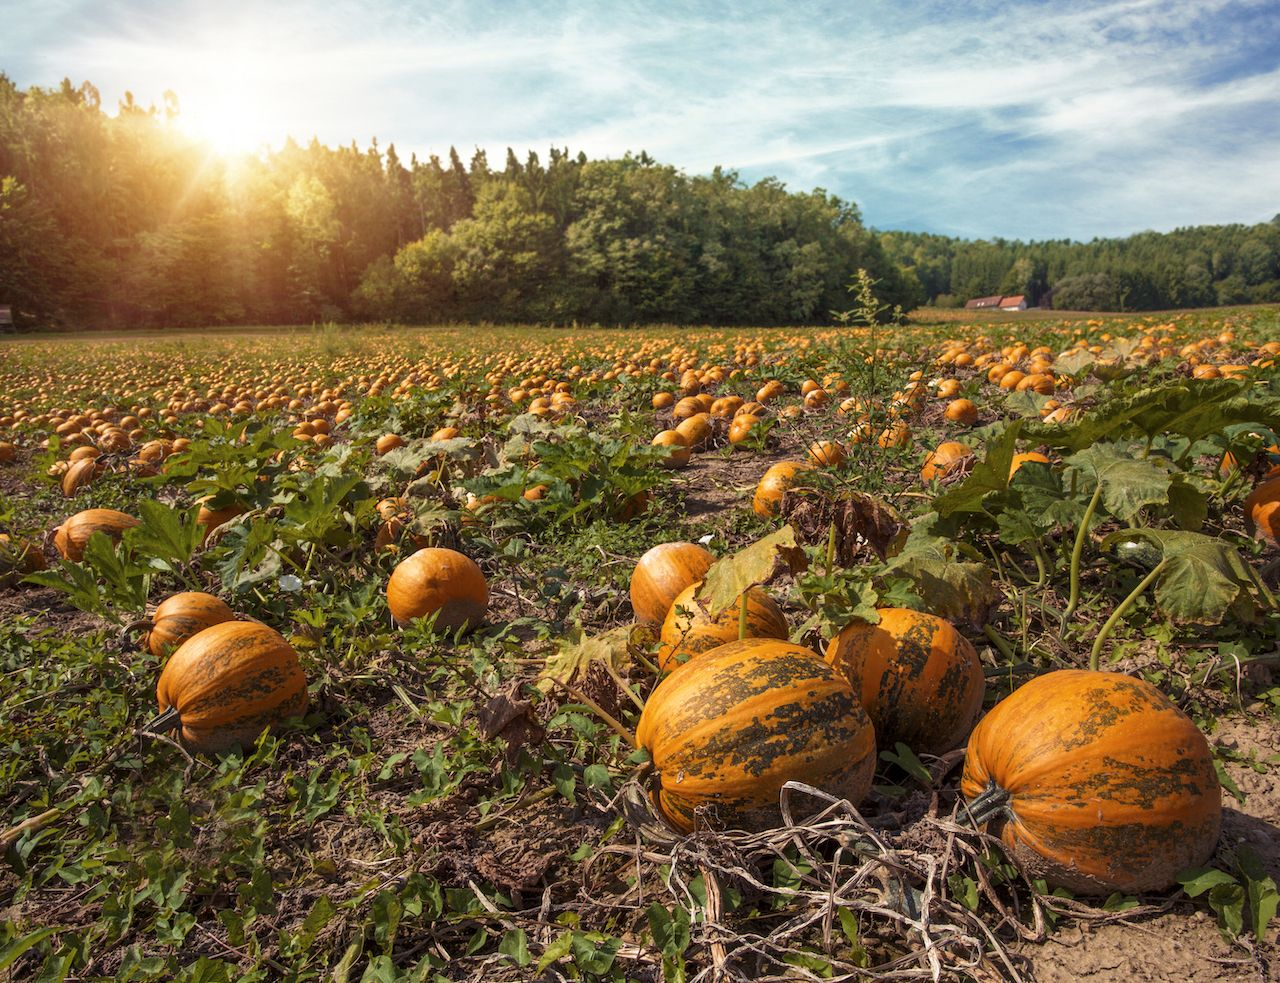 Pumpkin farm in Austria